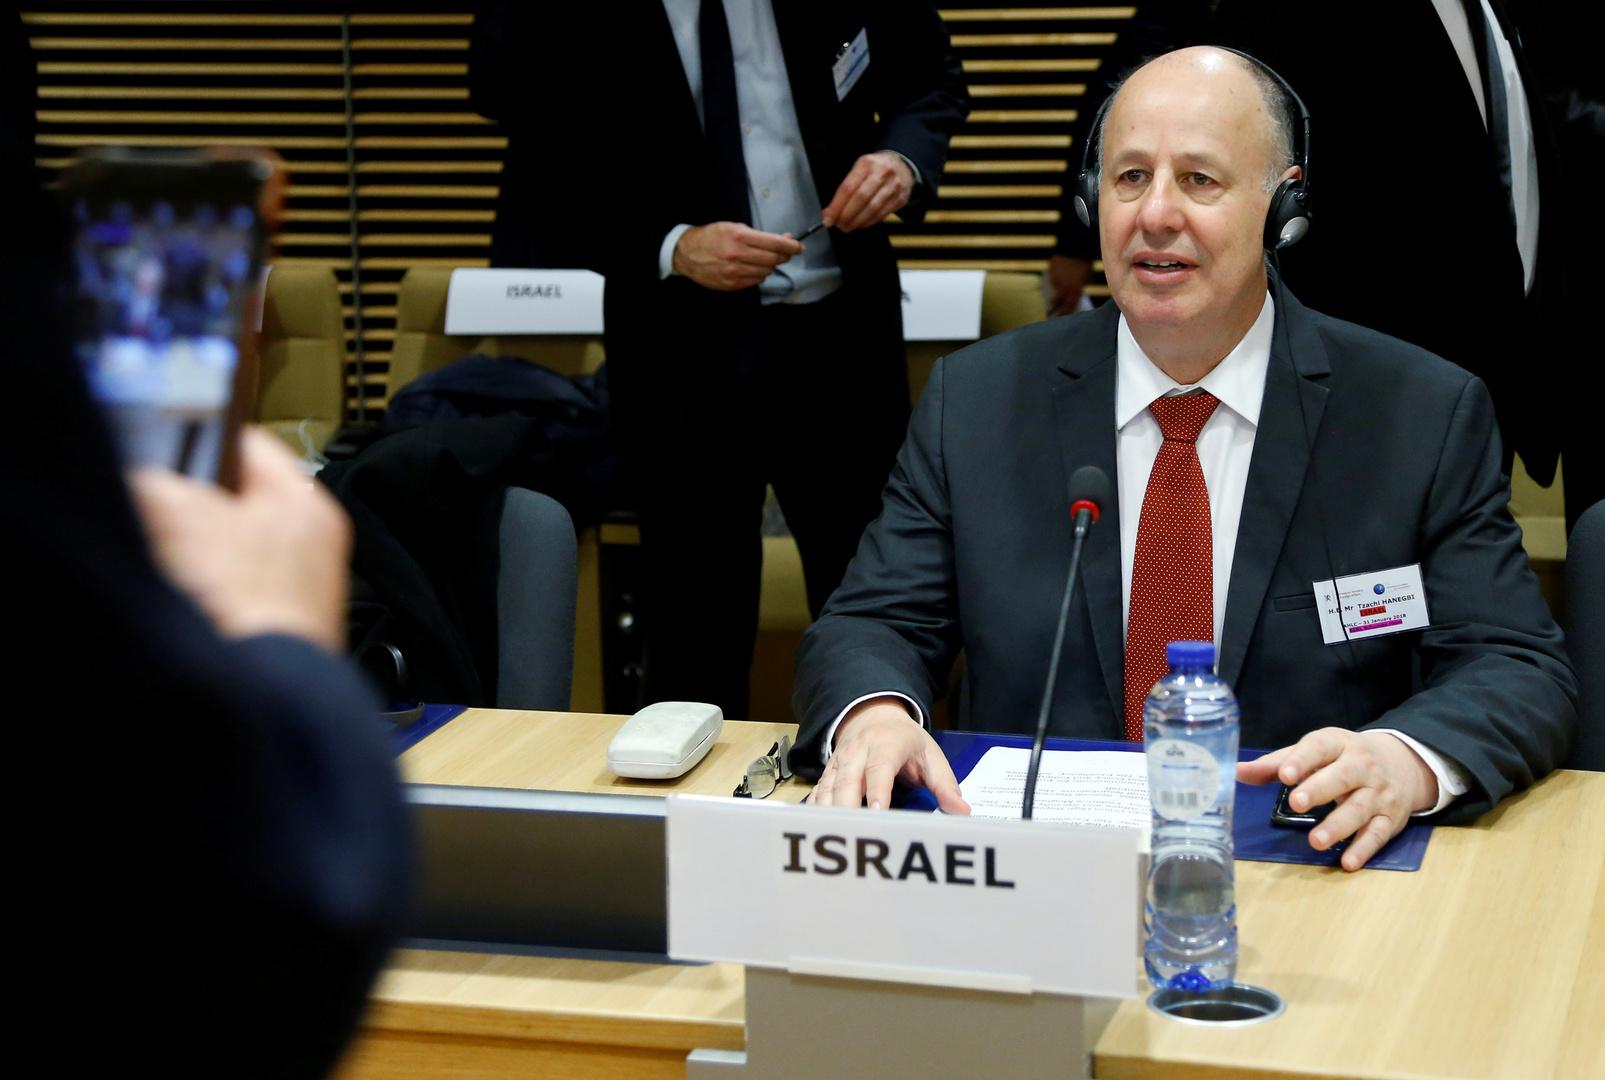 وزير إسرائيلي: واشنطن لن تهاجم إيران وسنضطر للعمل بشكل مستقل لإزالة الخطر